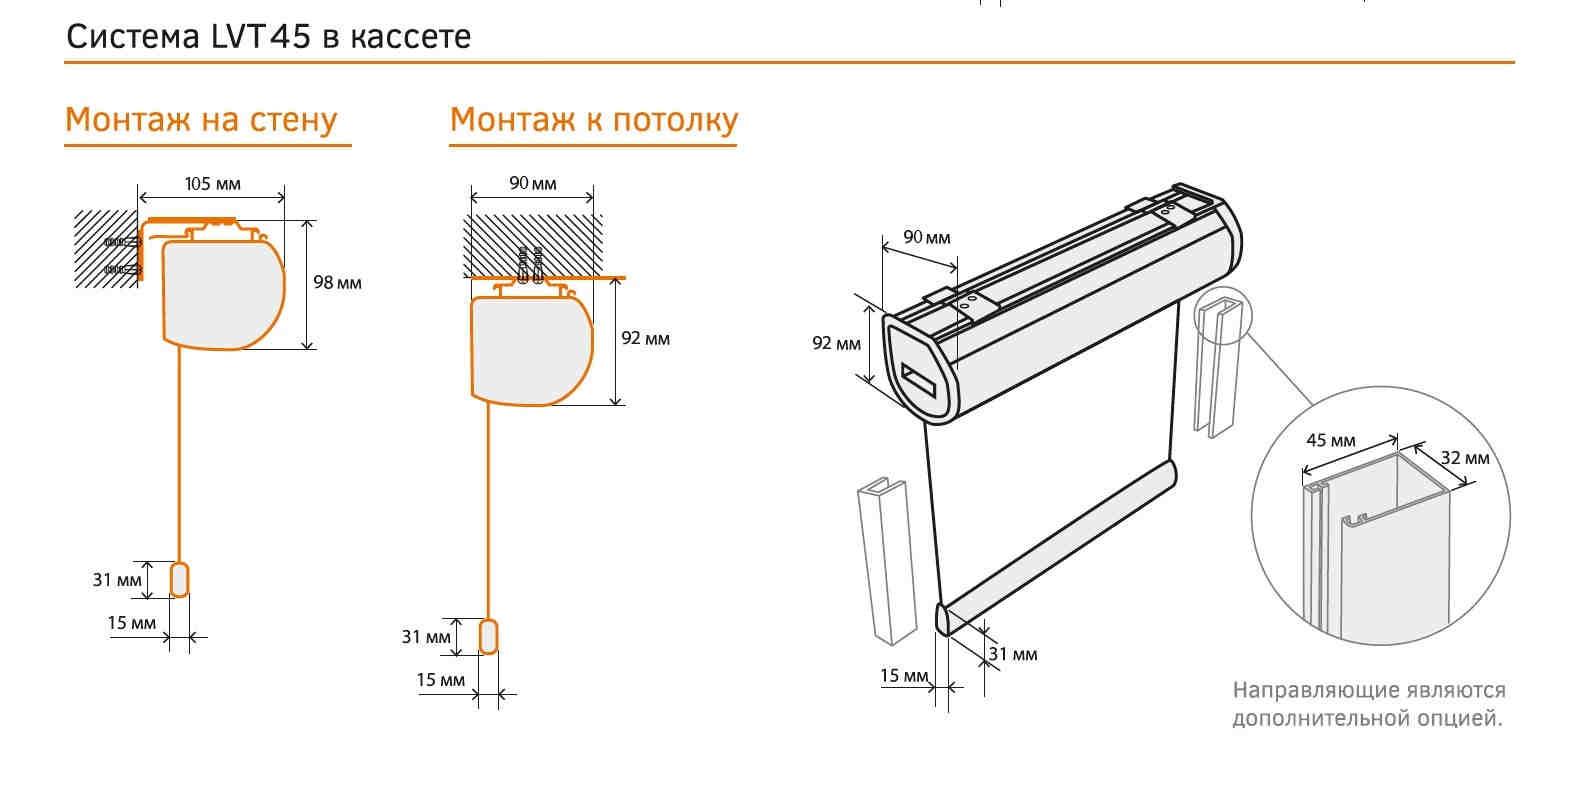 montazhnye razmery rulonnaya shtora Akko kasset LVT45